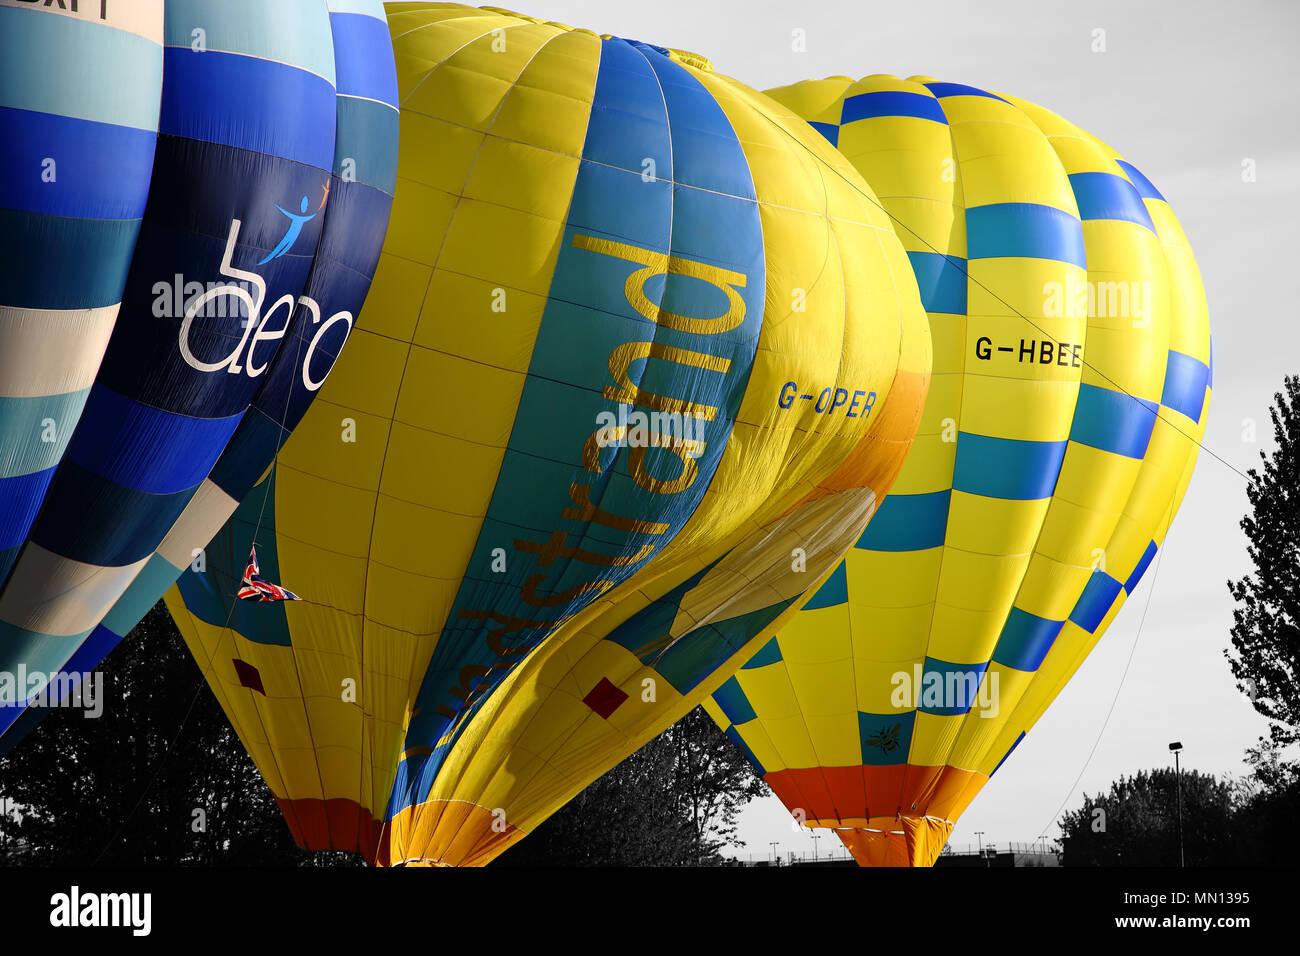 Ballon Lindstrand prépare à décoller. Ballon de Telford et Kite Festival, Centre-ville de Telford, Telford, Shropshire. United Kingdom. 12 Mai 2018 Banque D'Images